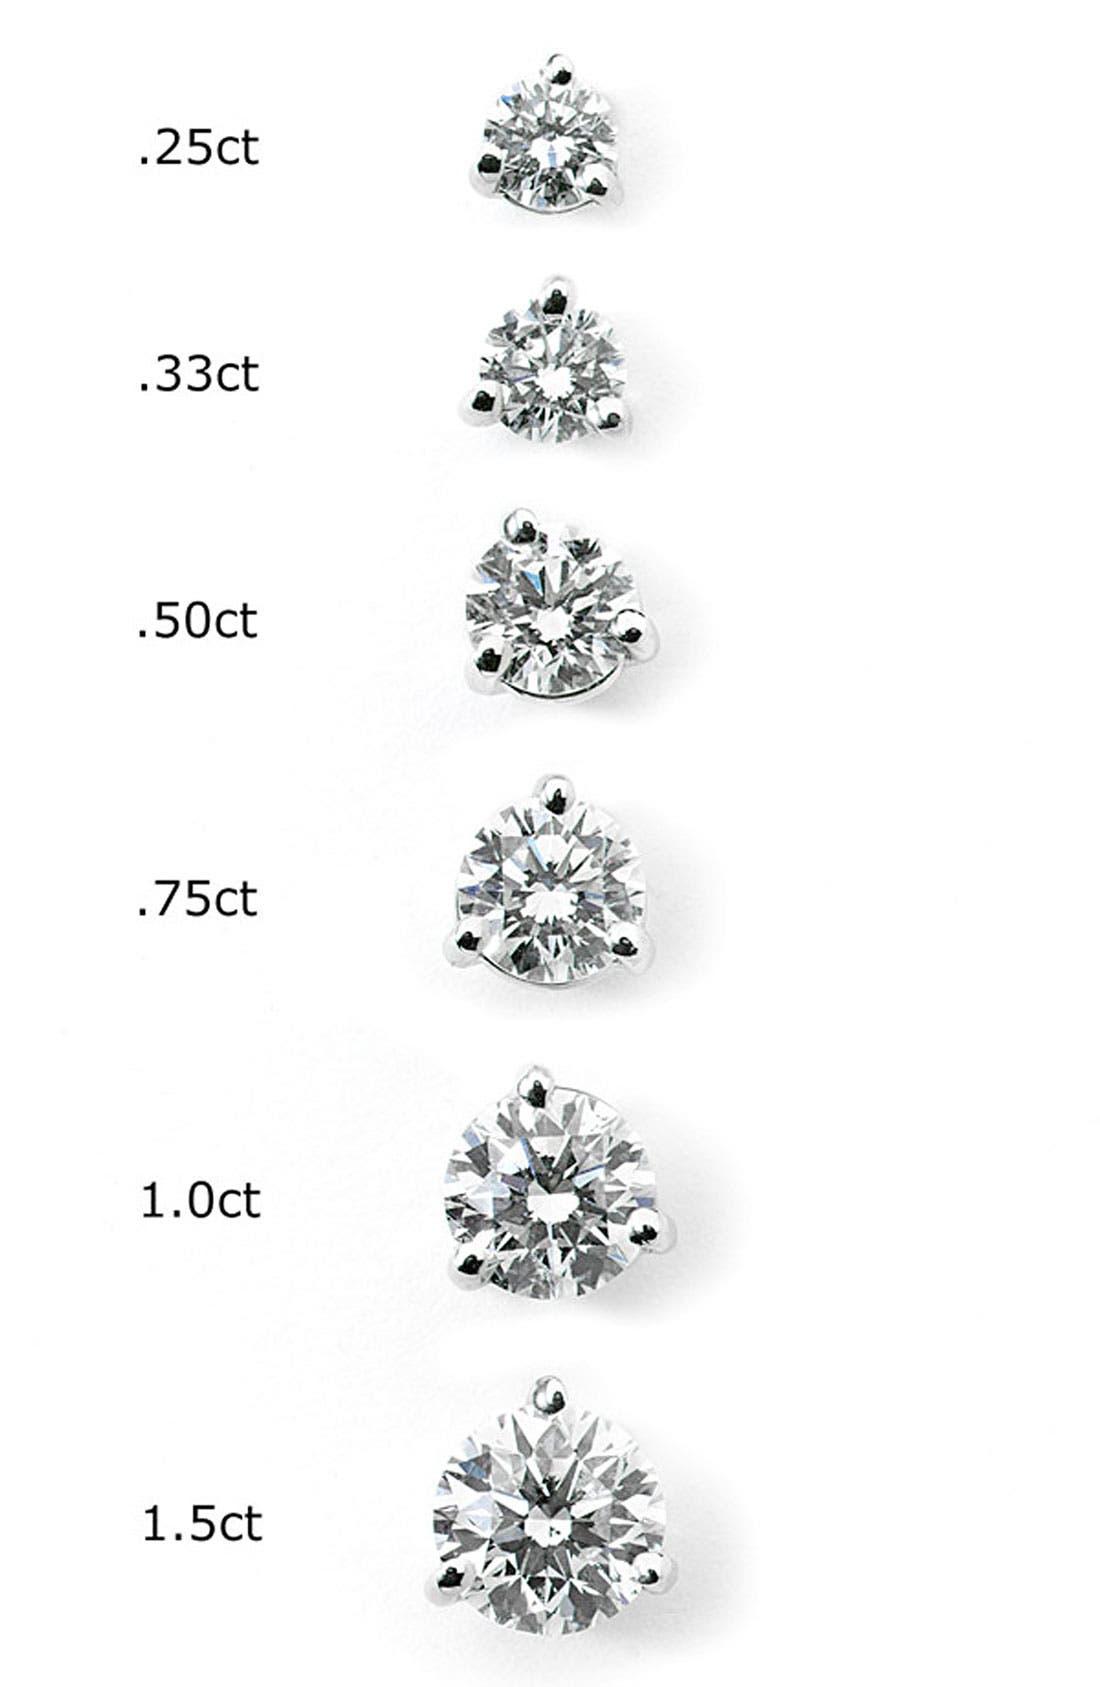 0.33ct tw Diamond & Platinum Stud Earrings,                             Alternate thumbnail 3, color,                             PLATINUM